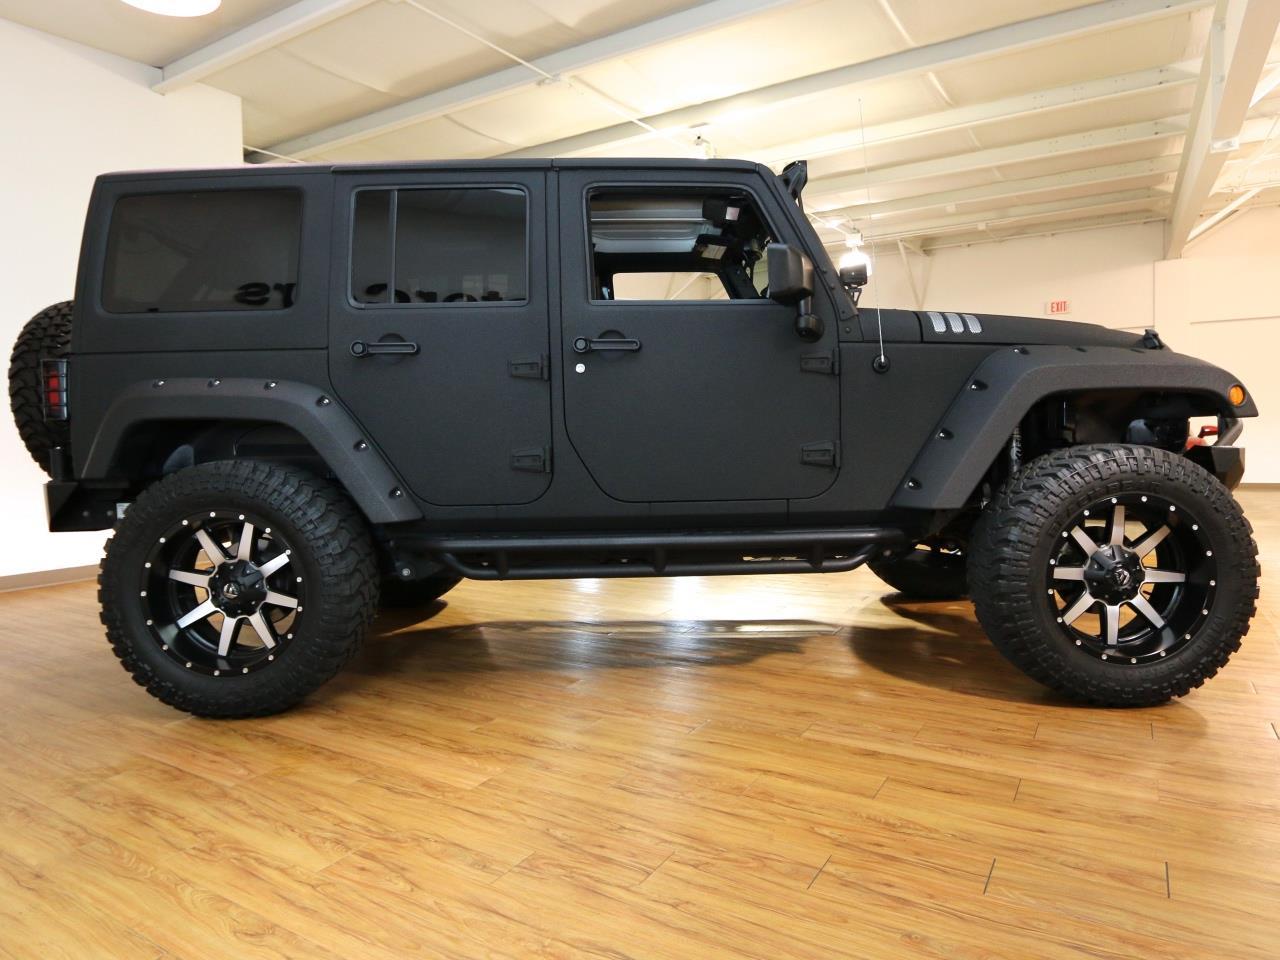 2015 jeep wrangler unlimited sport 4x4 hardtop. Black Bedroom Furniture Sets. Home Design Ideas